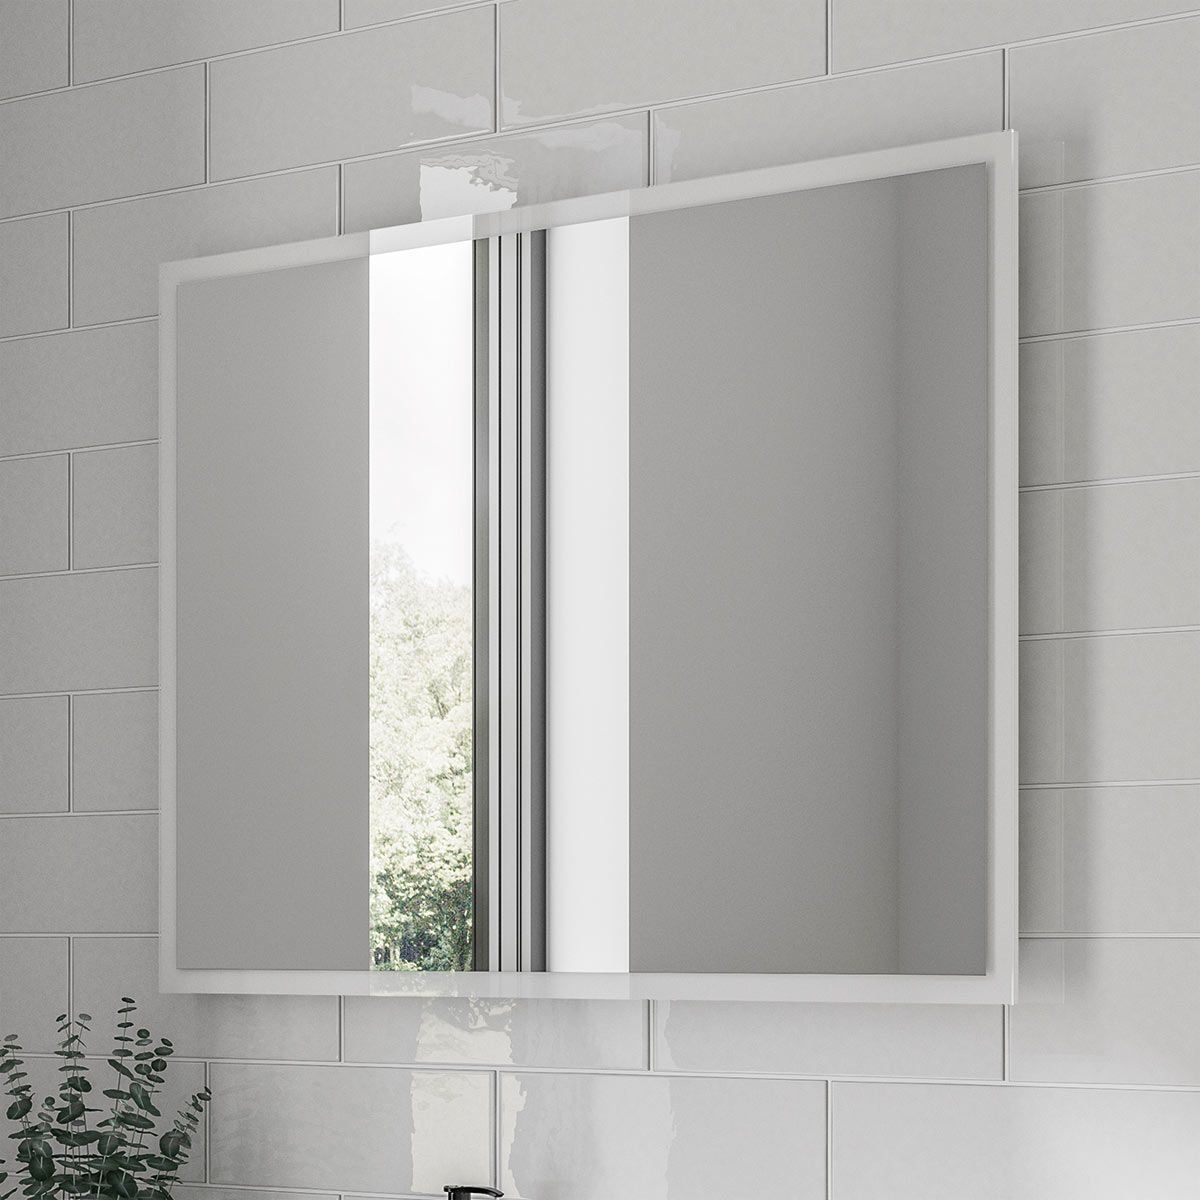 Elation LED Illuminated Mirror 800 x 600mm